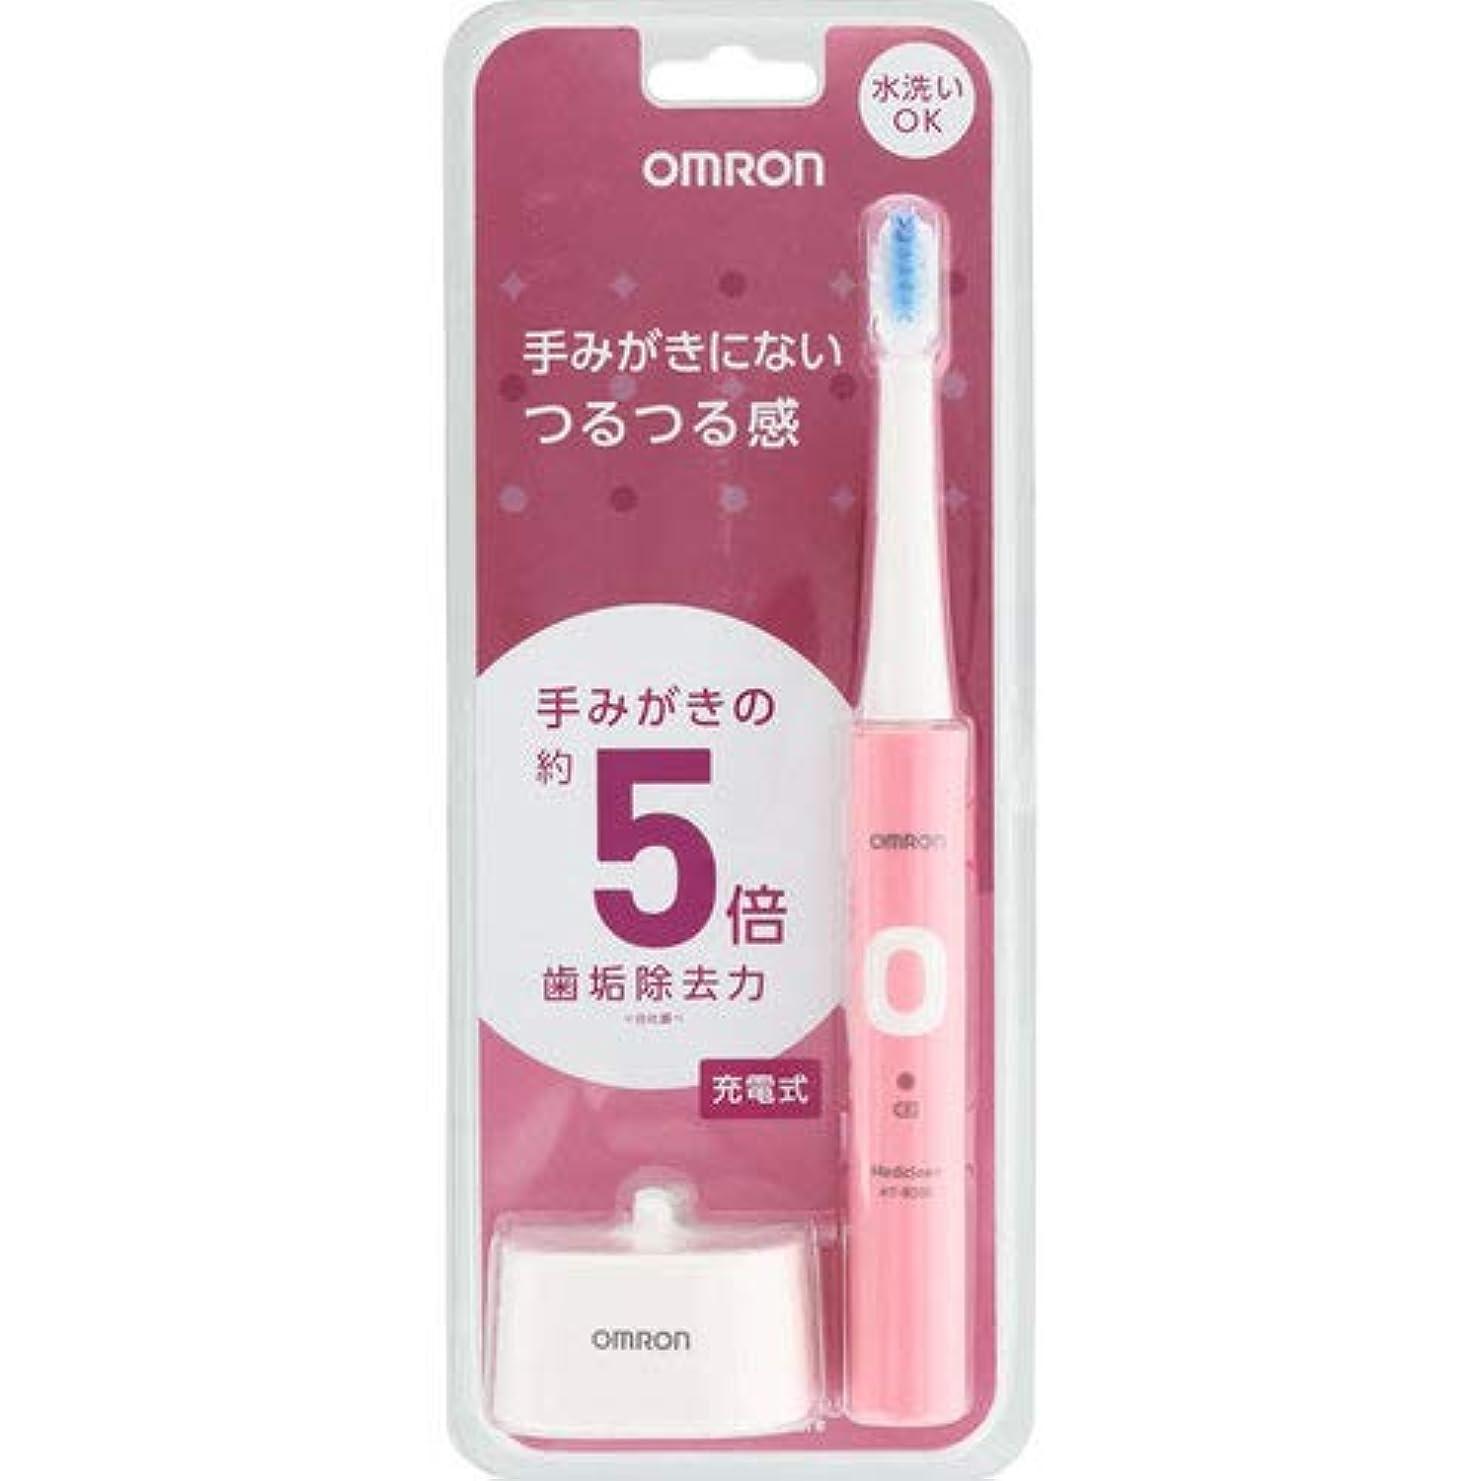 バーターどれでも歩行者オムロン 電動歯ブラシ HT-B303-PK ピンク 充電式